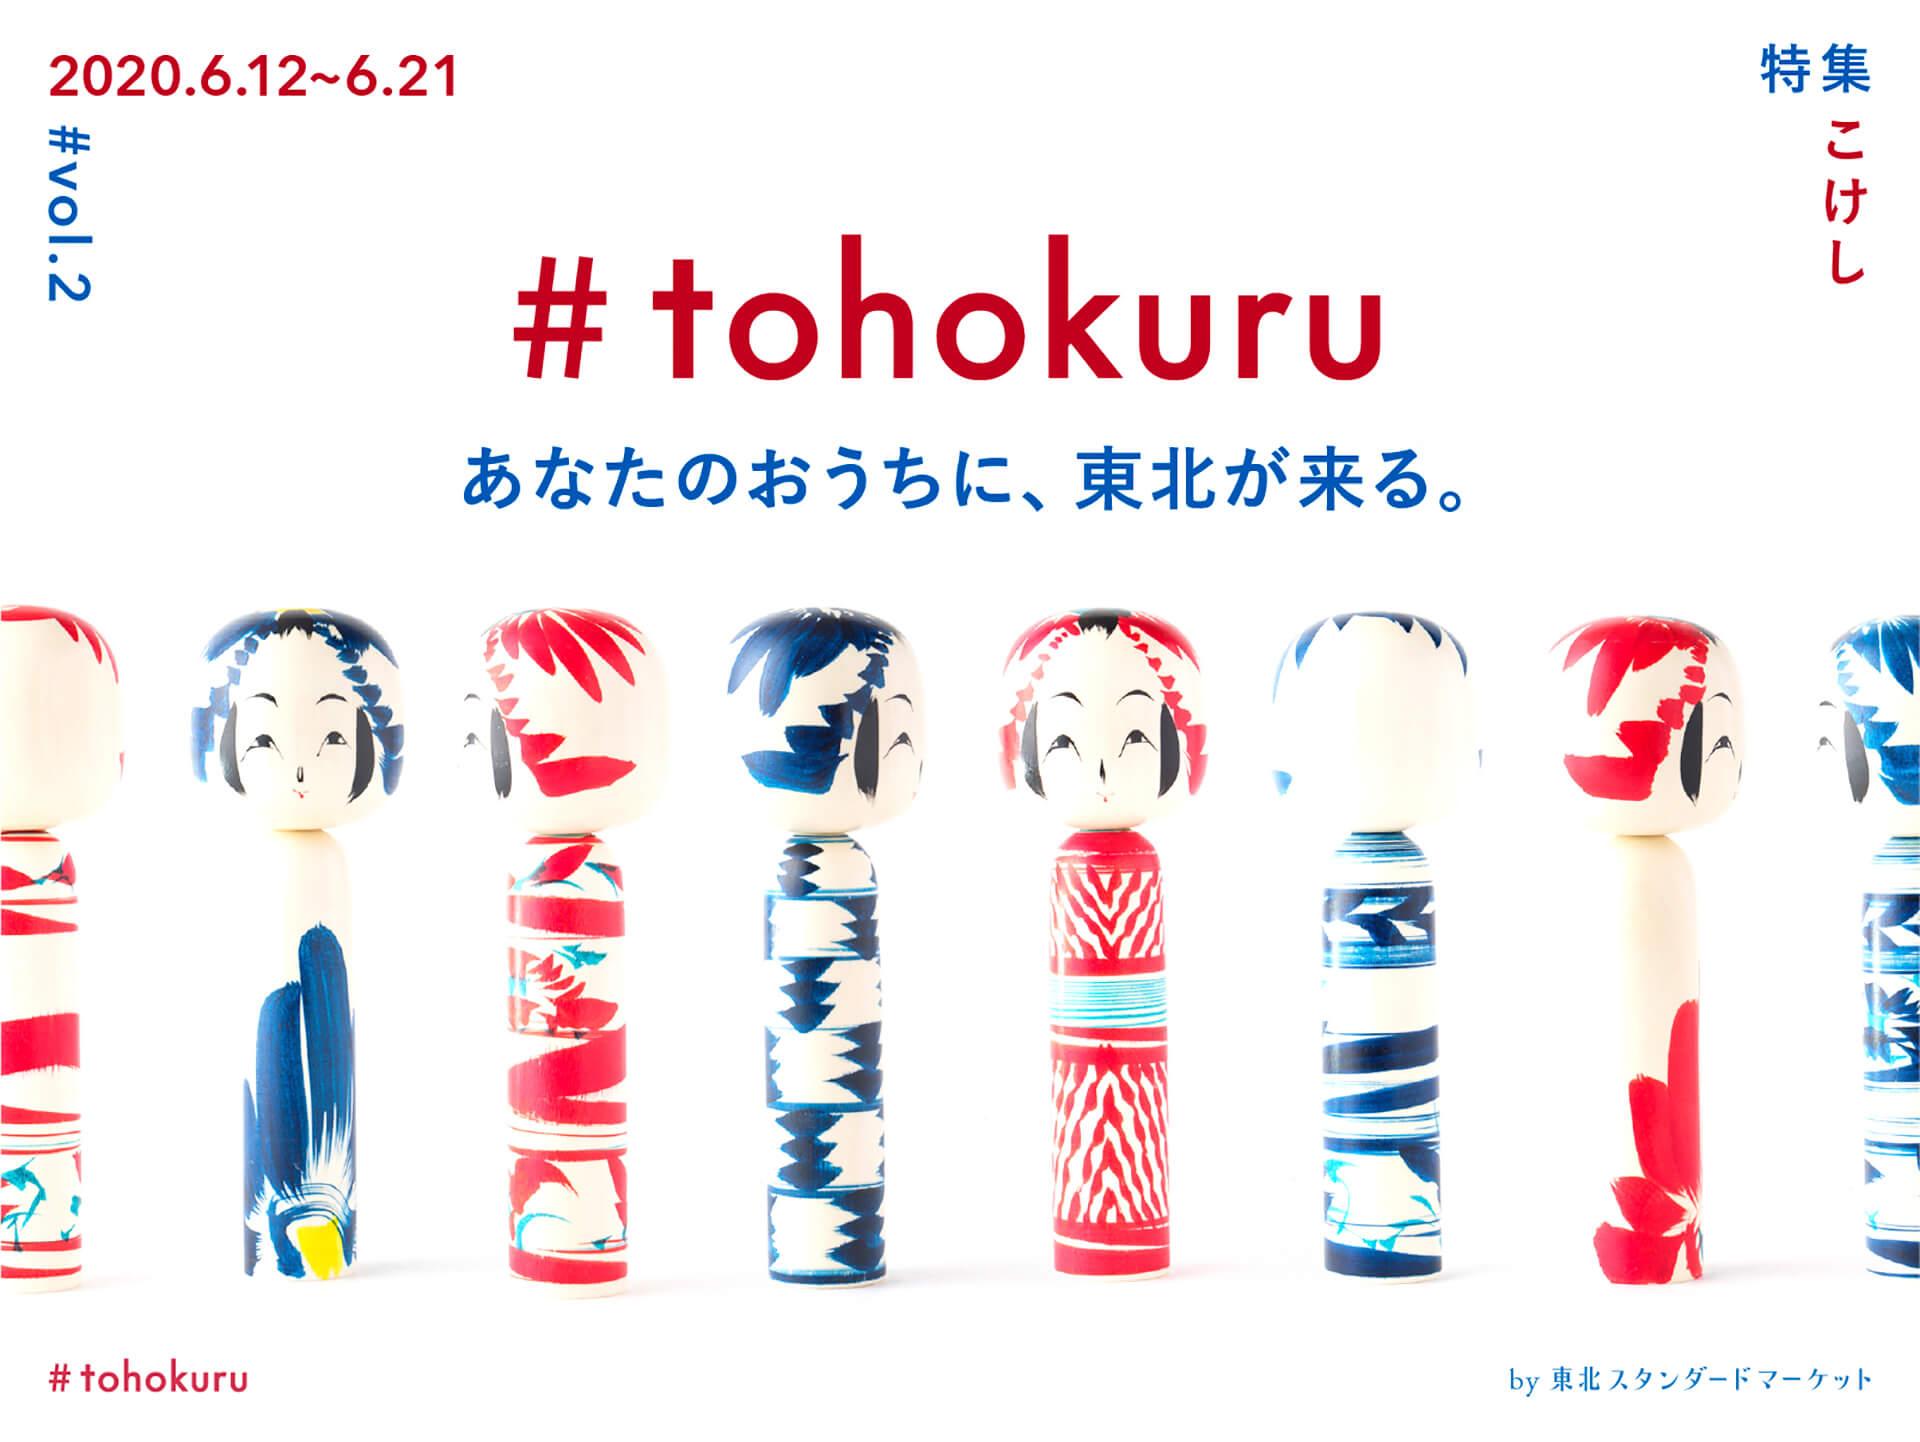 #tohokuru(トホクル)